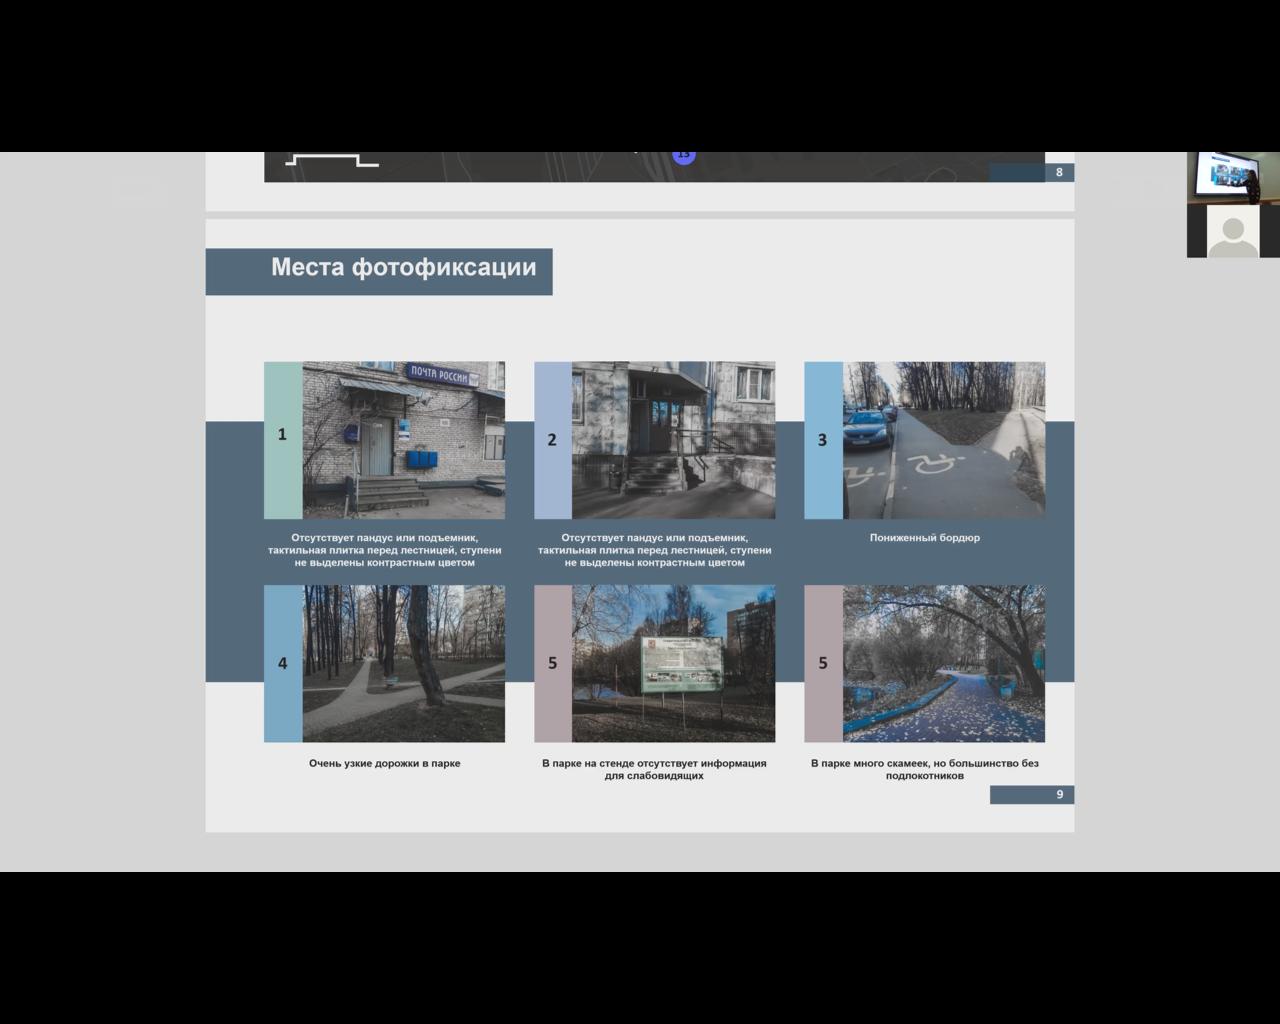 Кадры, демонстрирующие текущее состояние городской среды в Ярославском районе Москвы